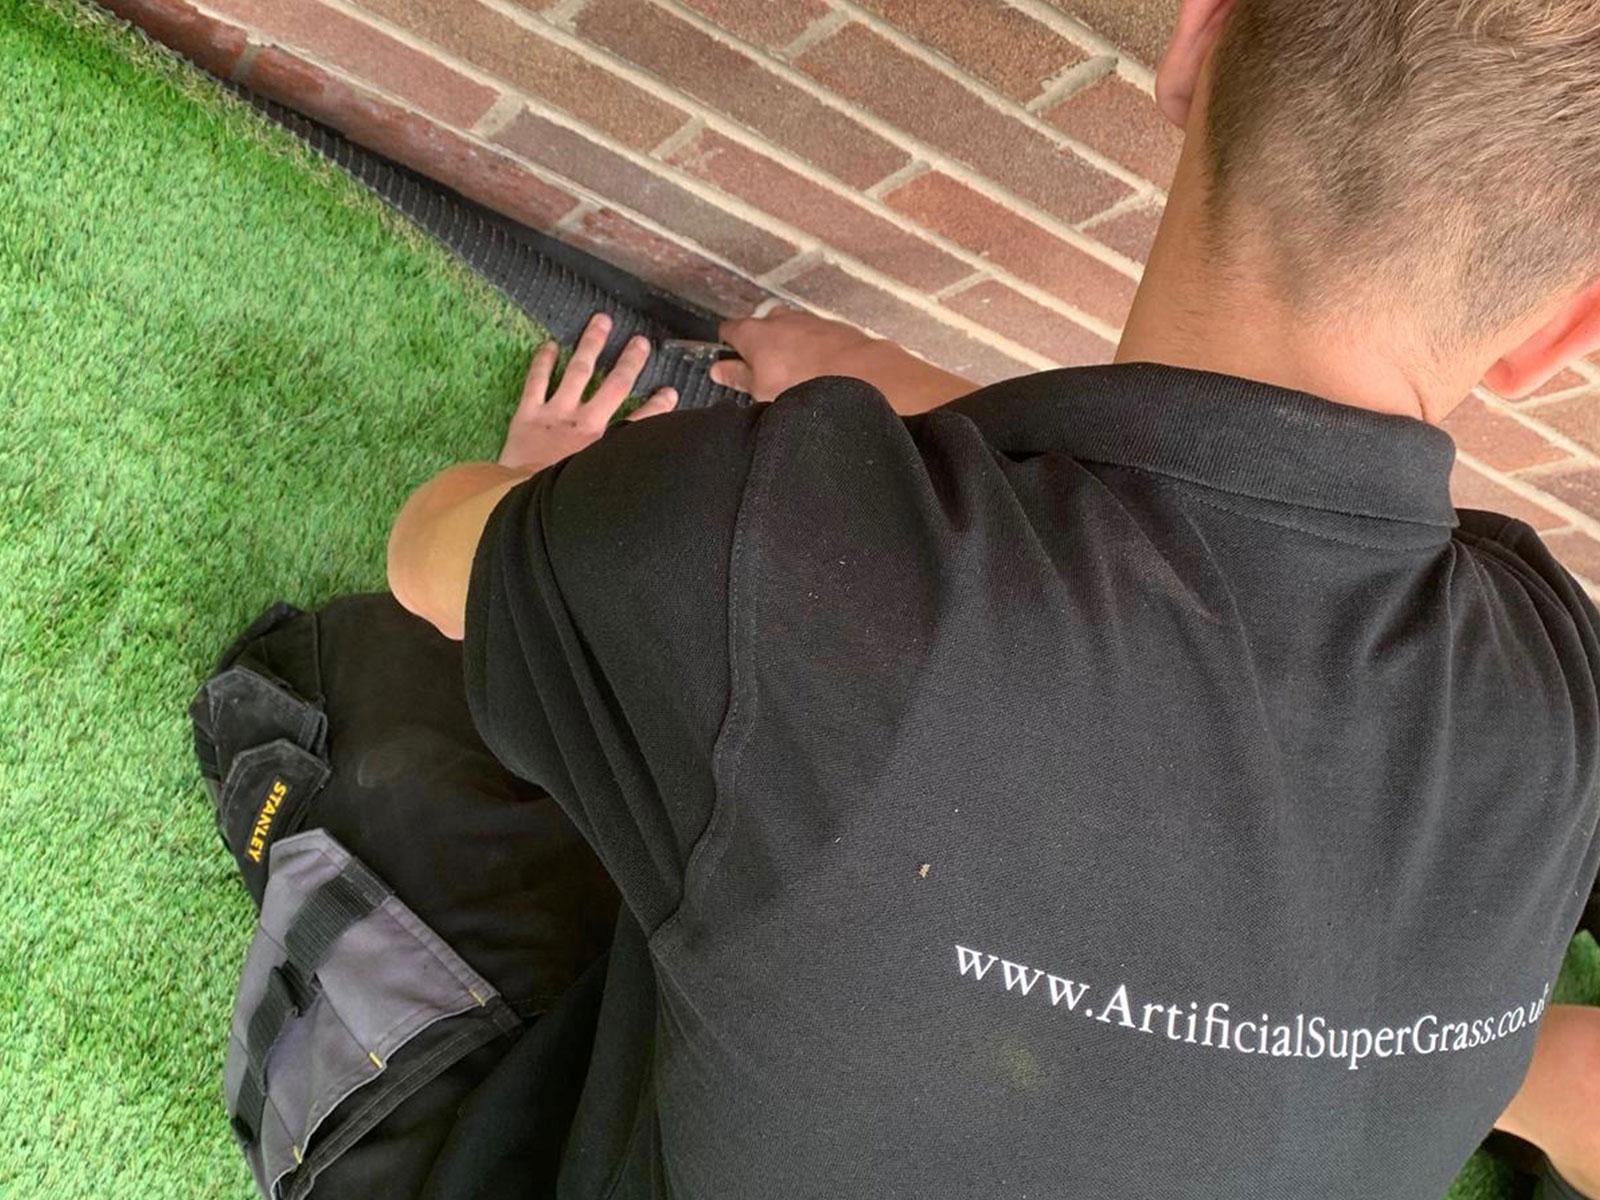 Artificial Grass Roll Chapel Allerton Artificial Super Grass